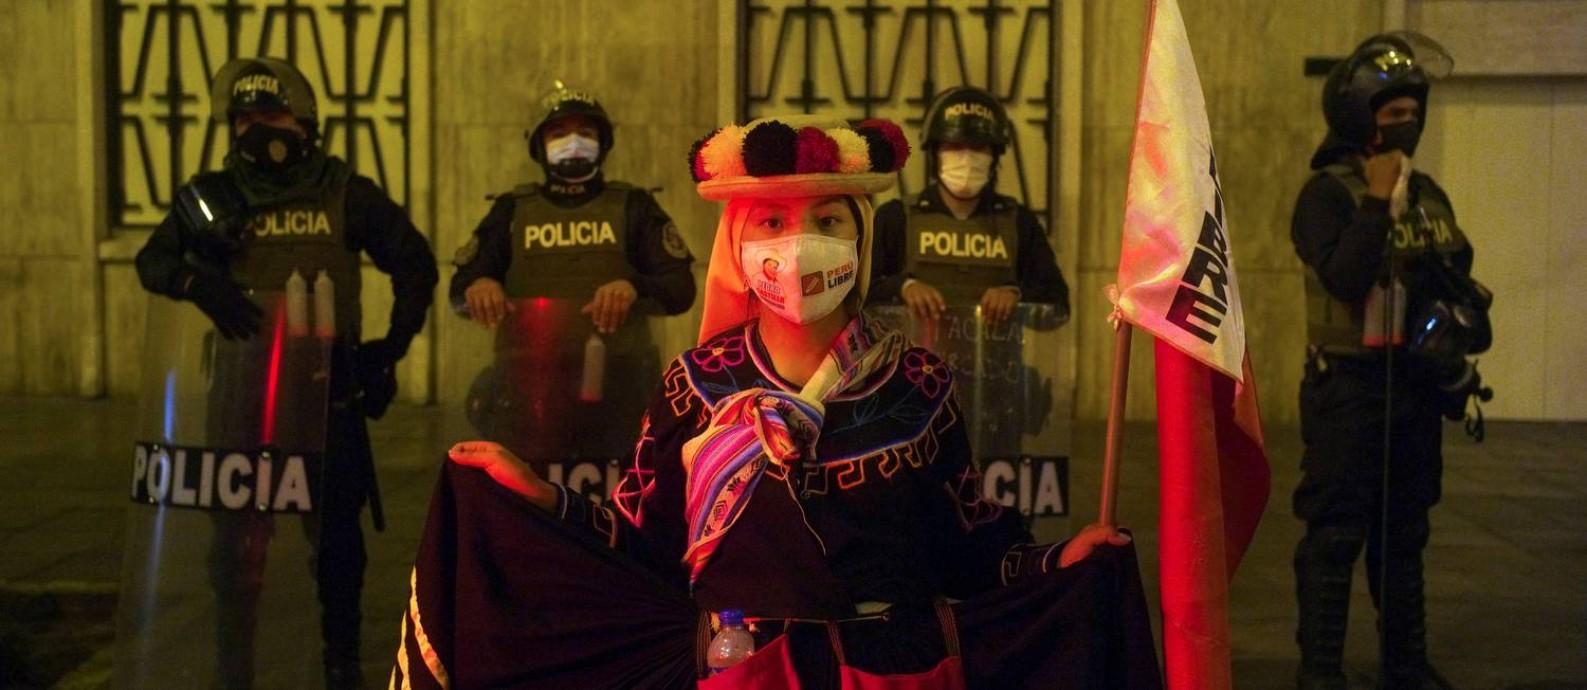 Apoiadora de Pedro Castillo se manifesta em frente a policiais que guardam a sede do Escritório Nacional de Processos Eleitorais Foto: ALESSANDRO CINQUE / REUTERS/9-6-2021